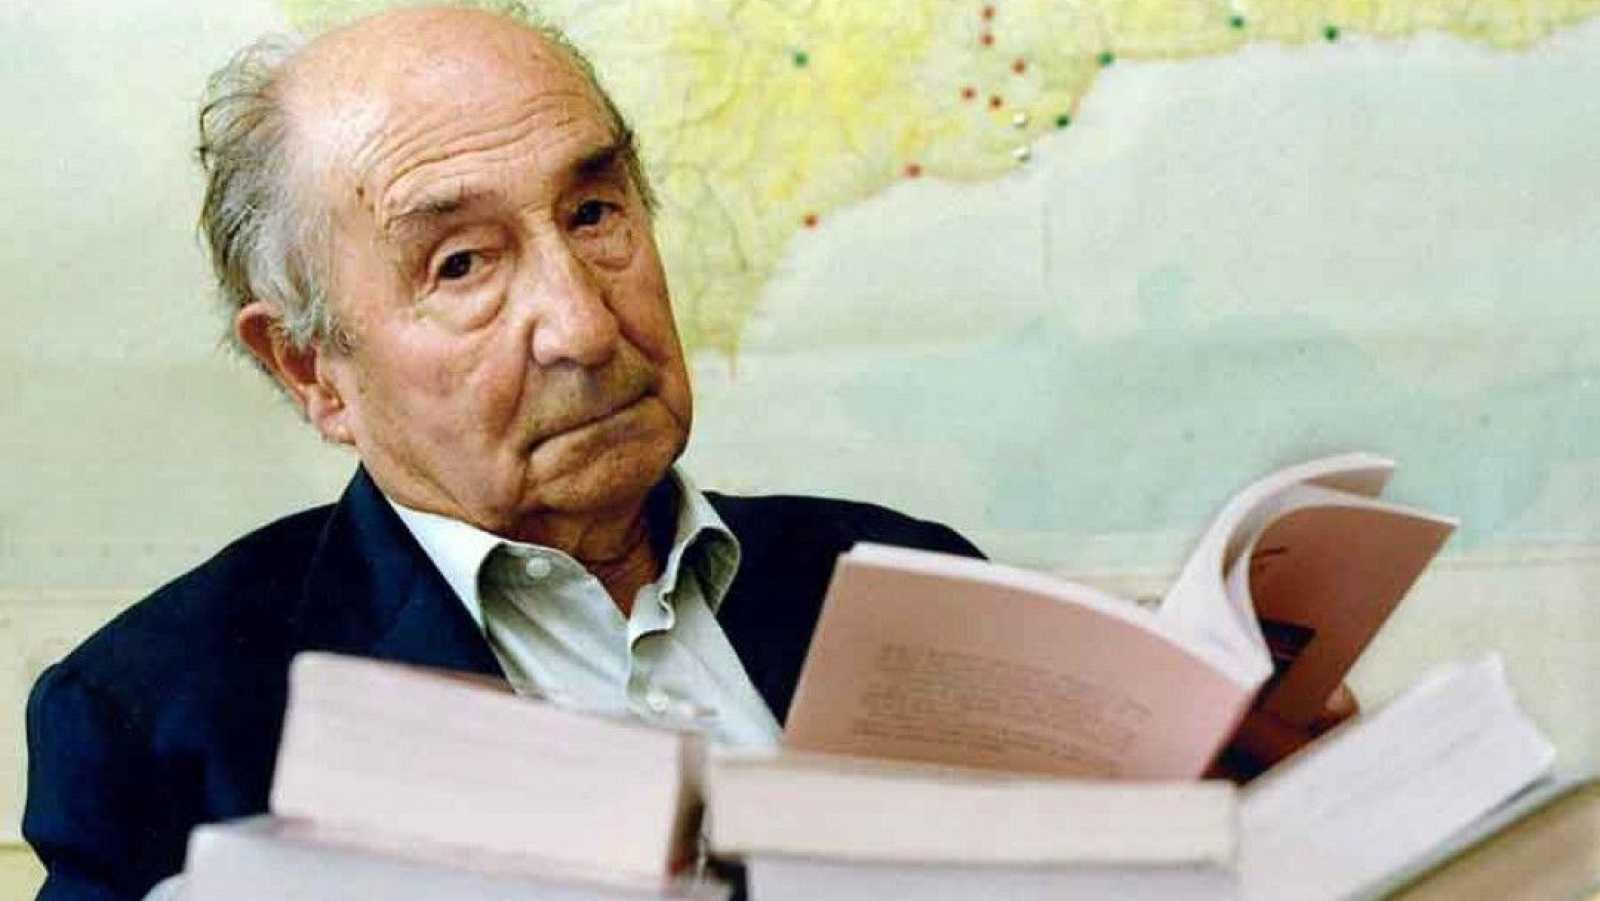 Punto de enlace - José Antonio Muñoz Rojas, poeta de la Generación del 36 - 29/10/20 - escuchar ahora